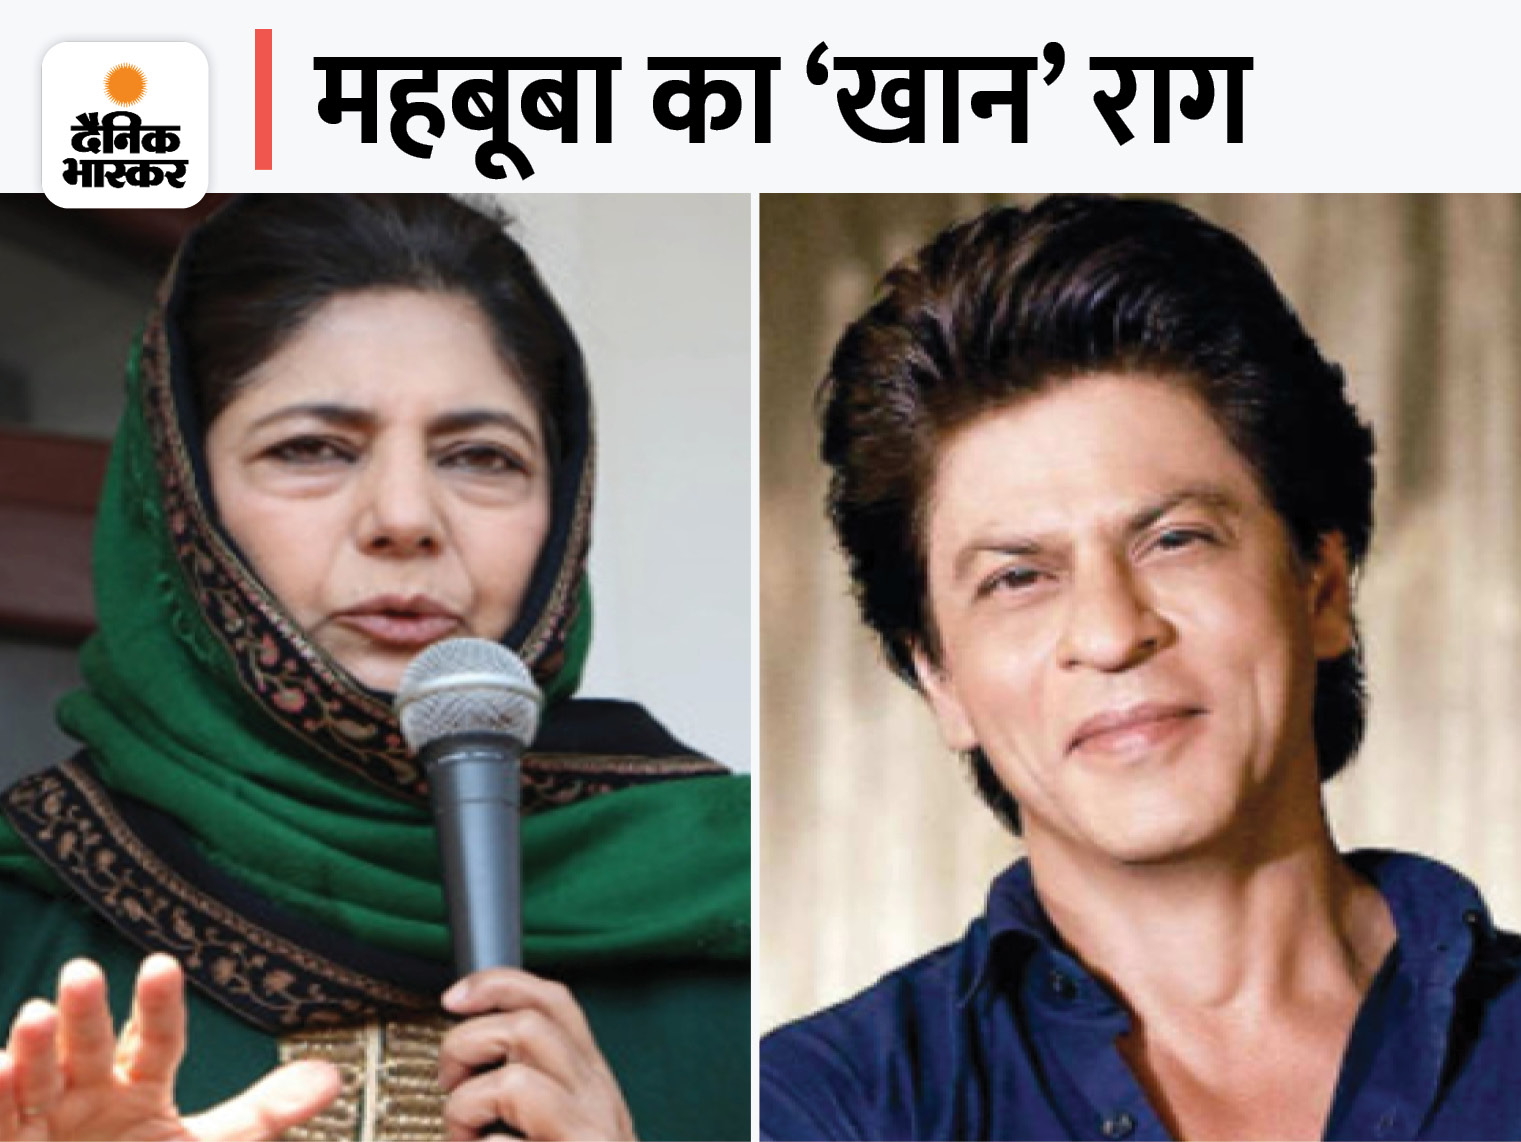 आर्यन खान केस पर मुफ्ती के बिगड़े बोल, शाहरुख अगर 'खान' नहीं होते तो उन्हें इतनी परेशानी नहीं होती|बॉलीवुड,Bollywood - Dainik Bhaskar